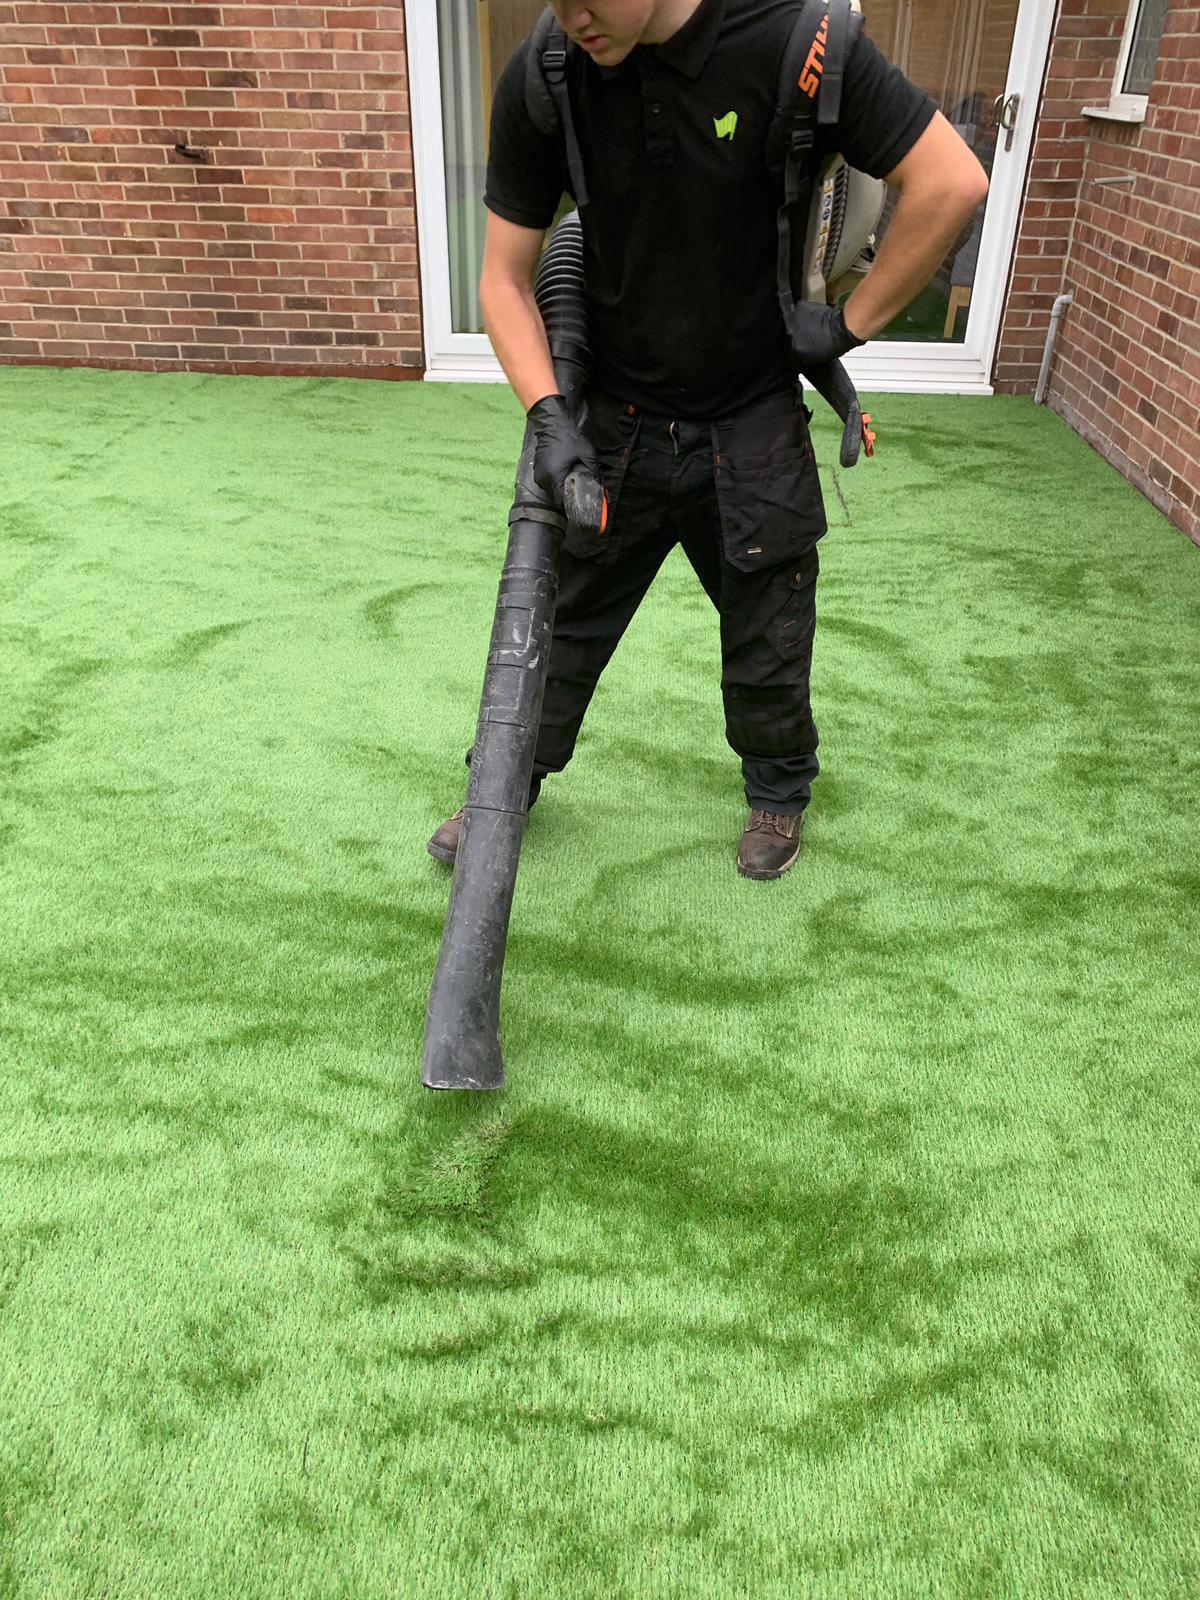 Best Quality Artificial Grass Garforth Artificial Super Grass